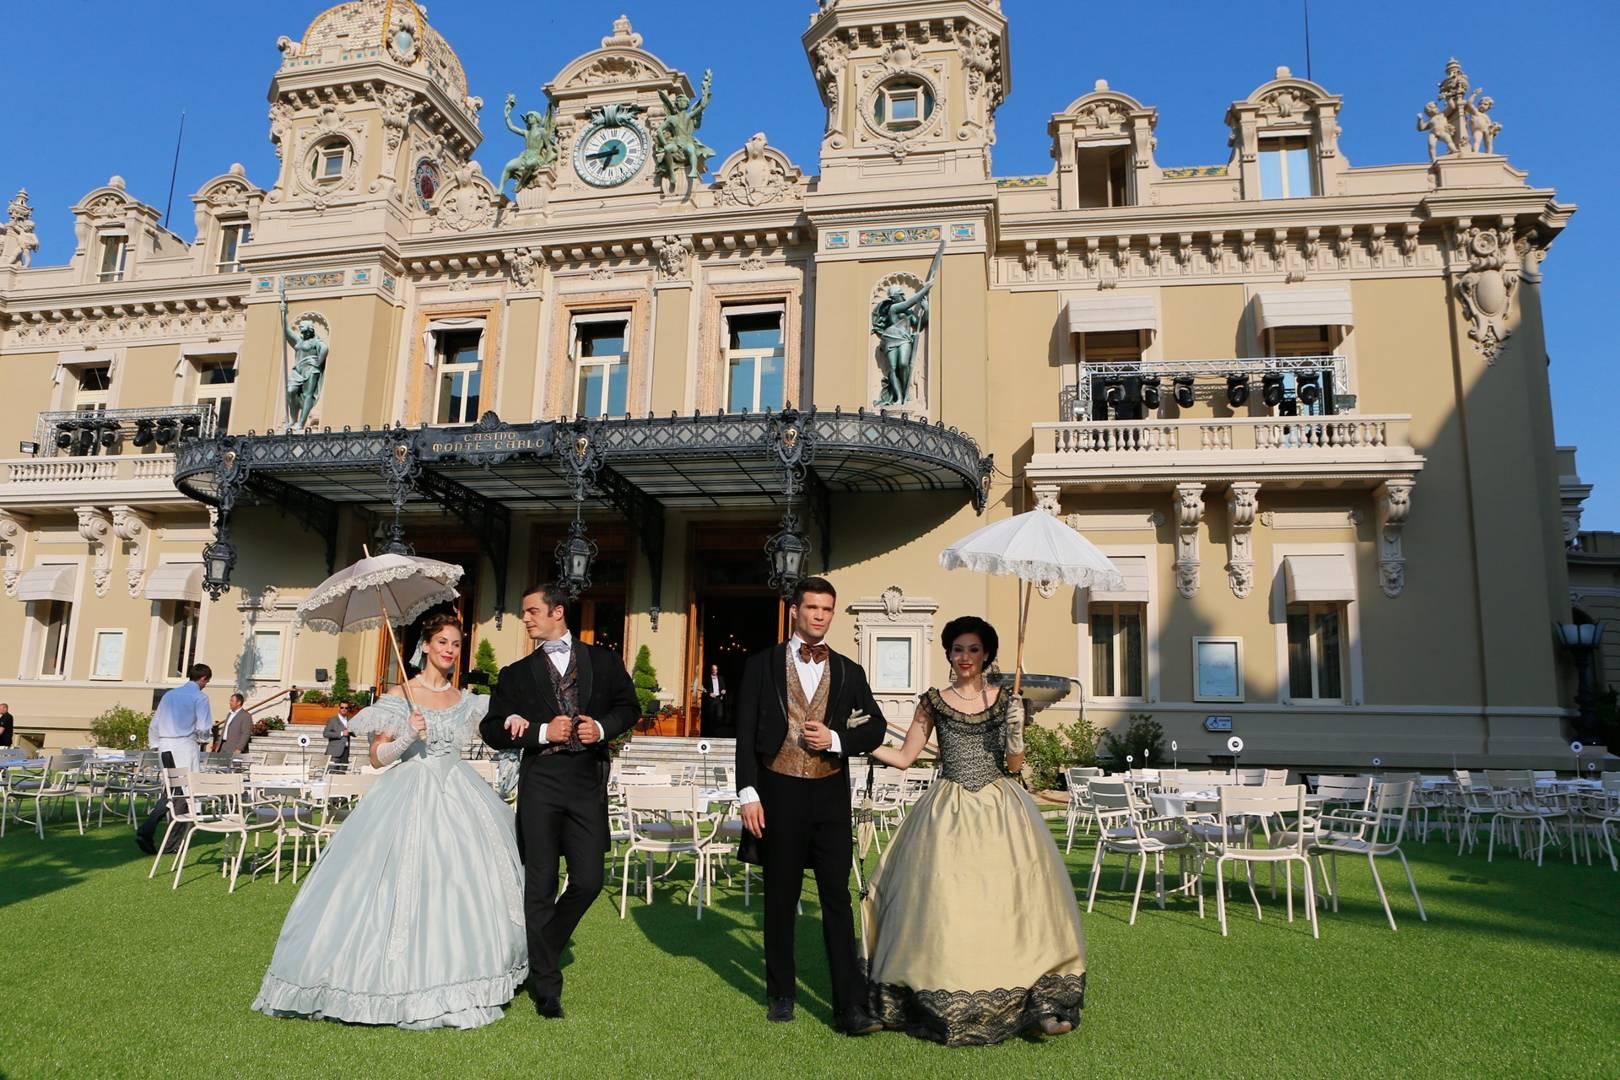 Monte Carlo Casino >> Monte Carlo Casino 150th Anniversary Sporting Summer Festival 2013